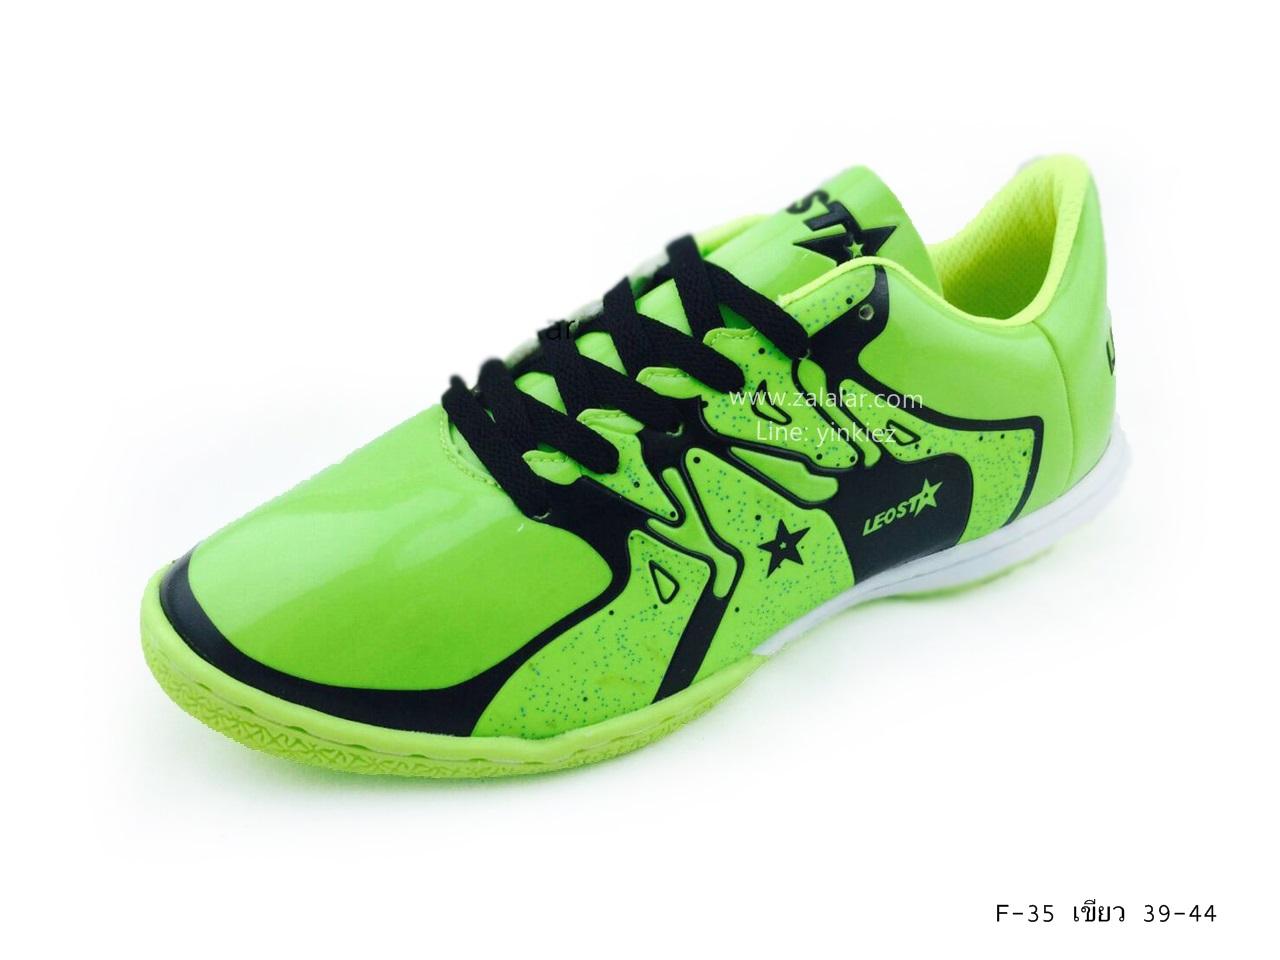 [พร้อมส่ง] รองเท้าผ้าใบแฟชั่น รุ่น F-35 สีเขียว ทรง Sport